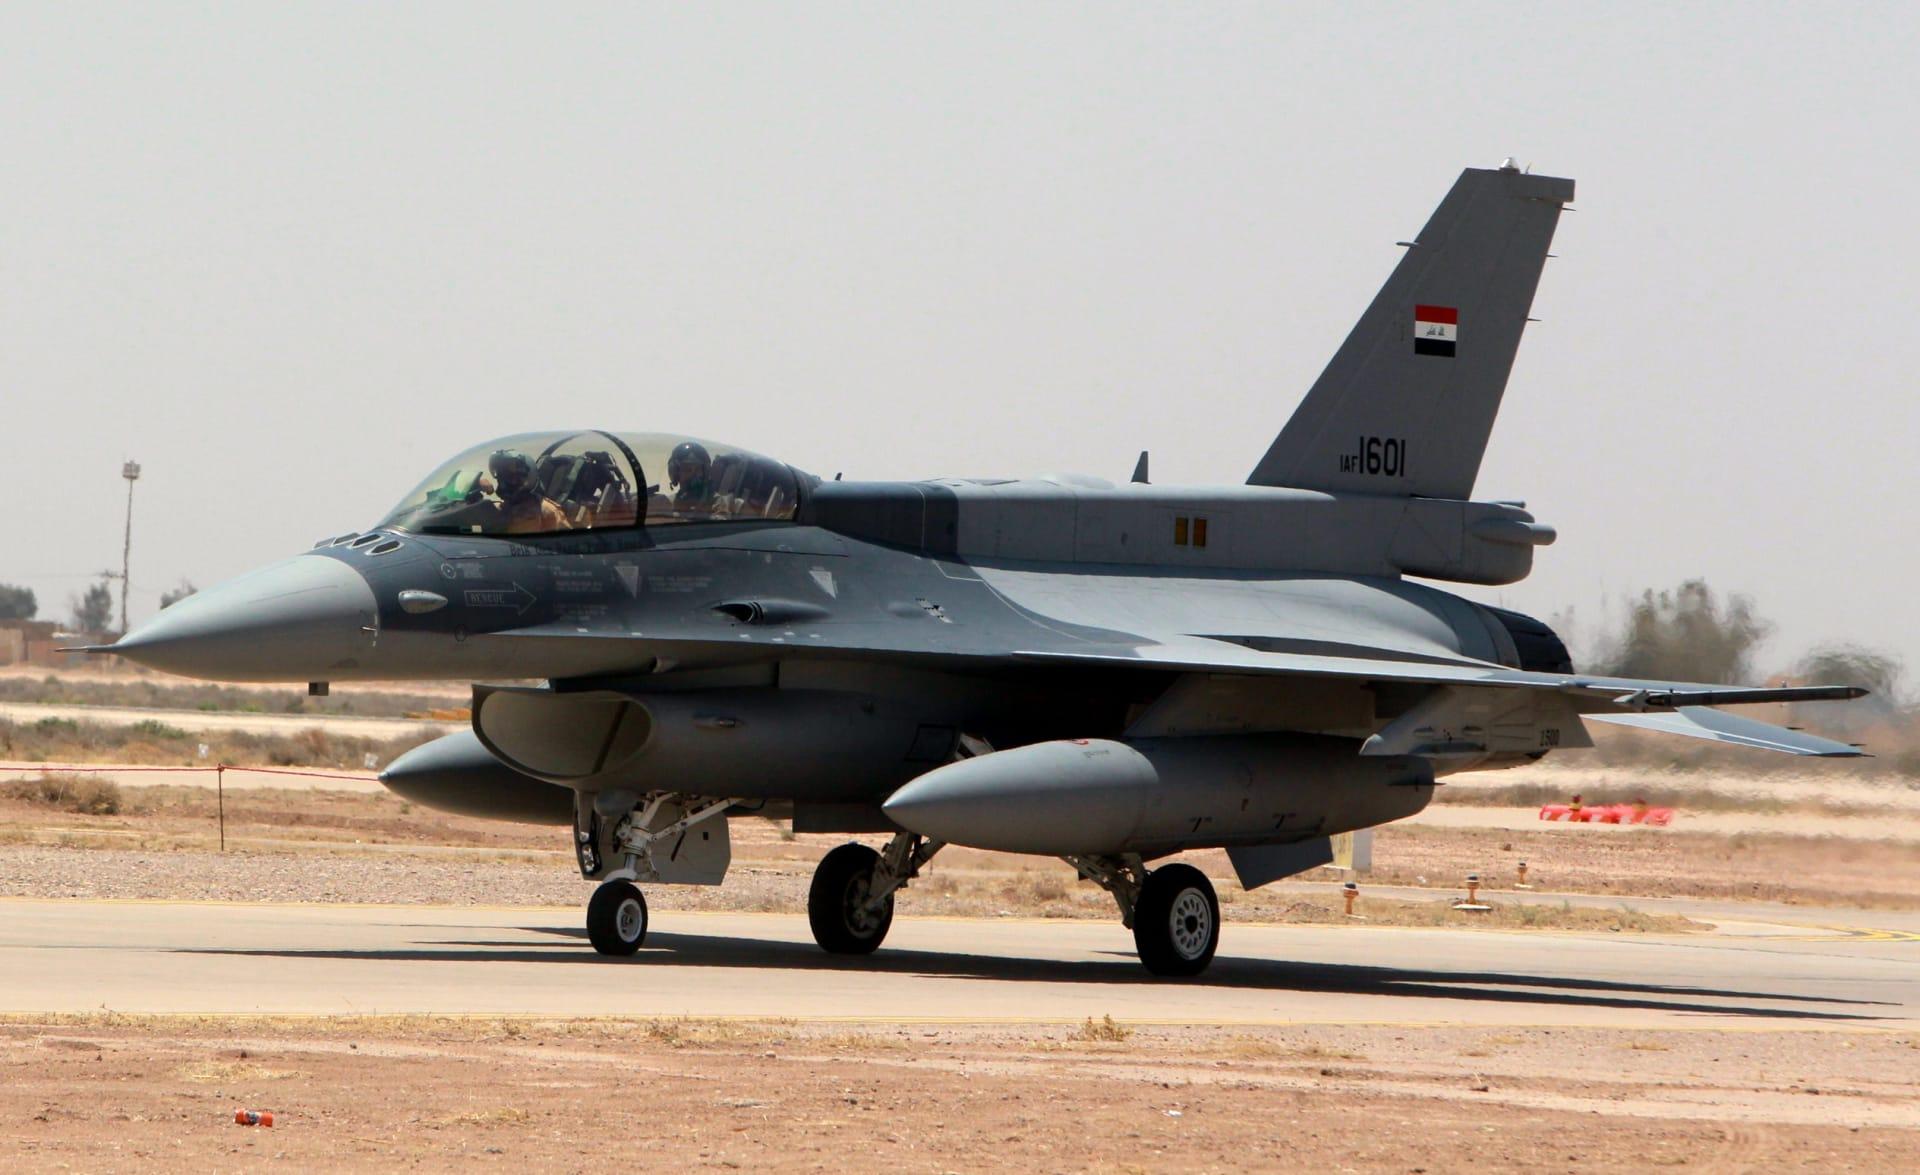 مقتل قادة في تنظيم داعش بقصف لسلاح الجو العراقي على سوريا